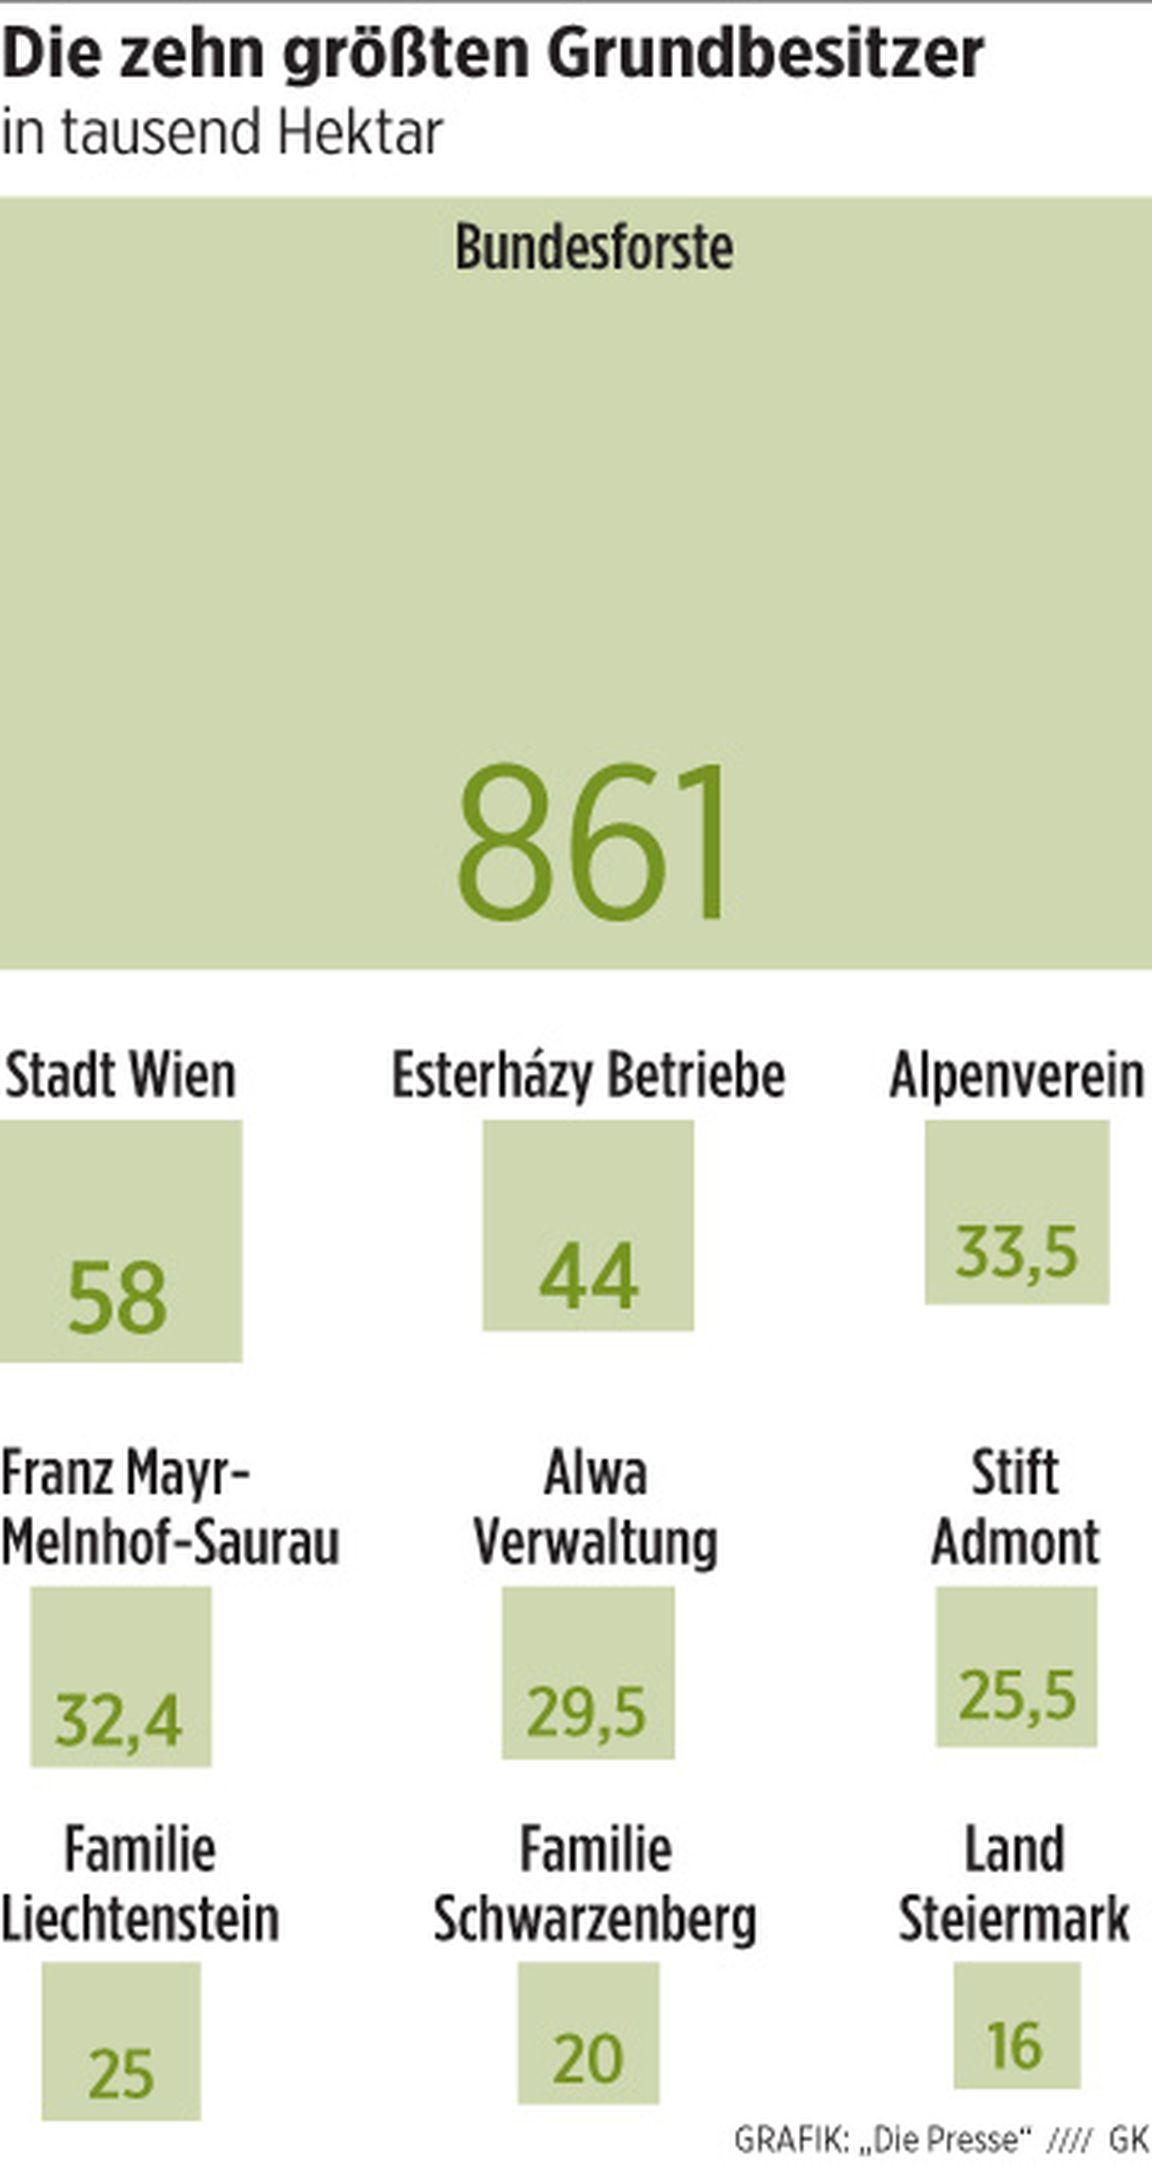 Grundbesitz Wem Gehört österreich Diepressecom